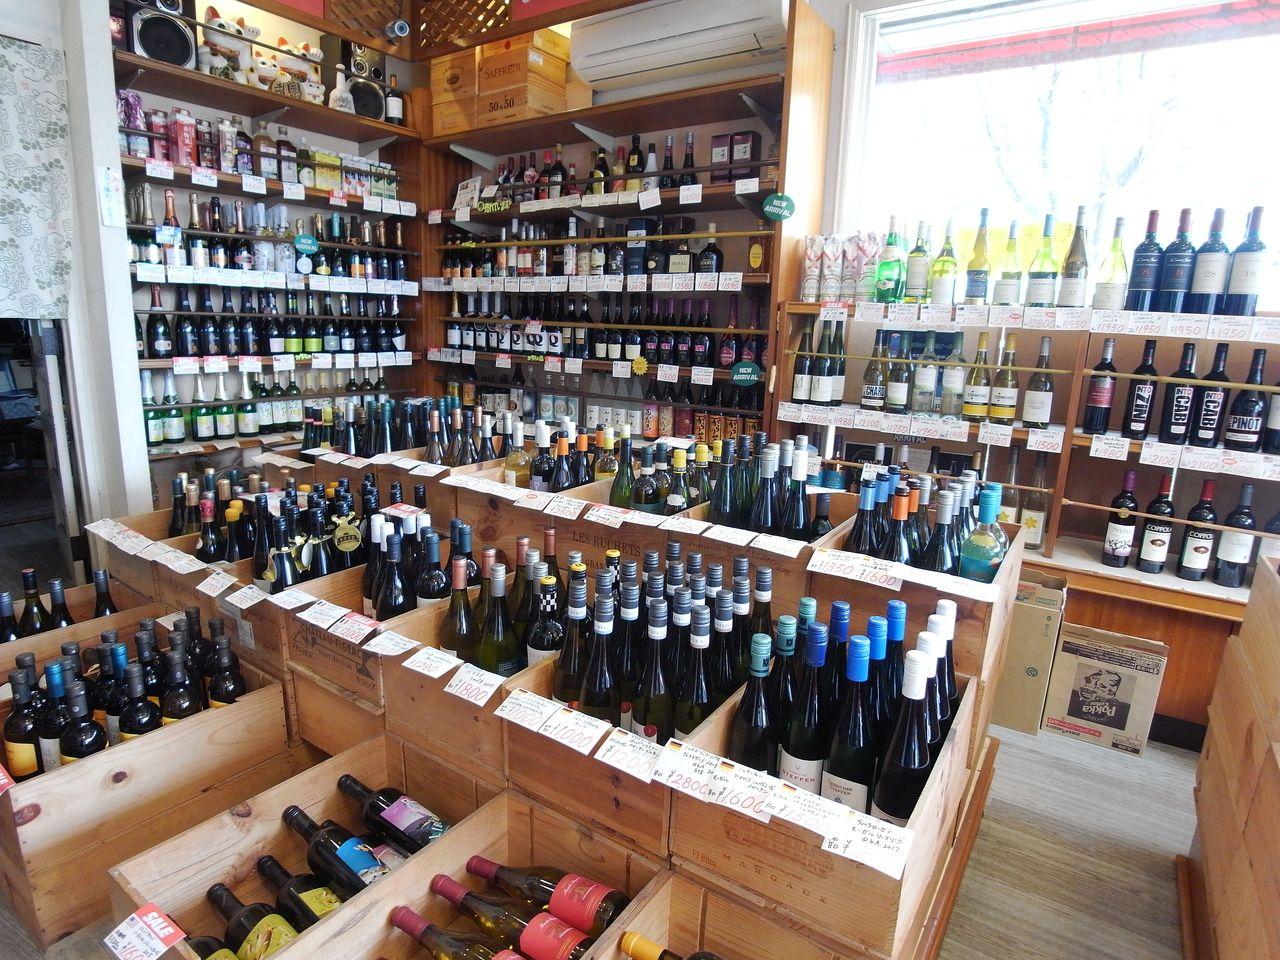 たくさんのワインをメインに、焼酎や日本酒も取り扱っていますよ。